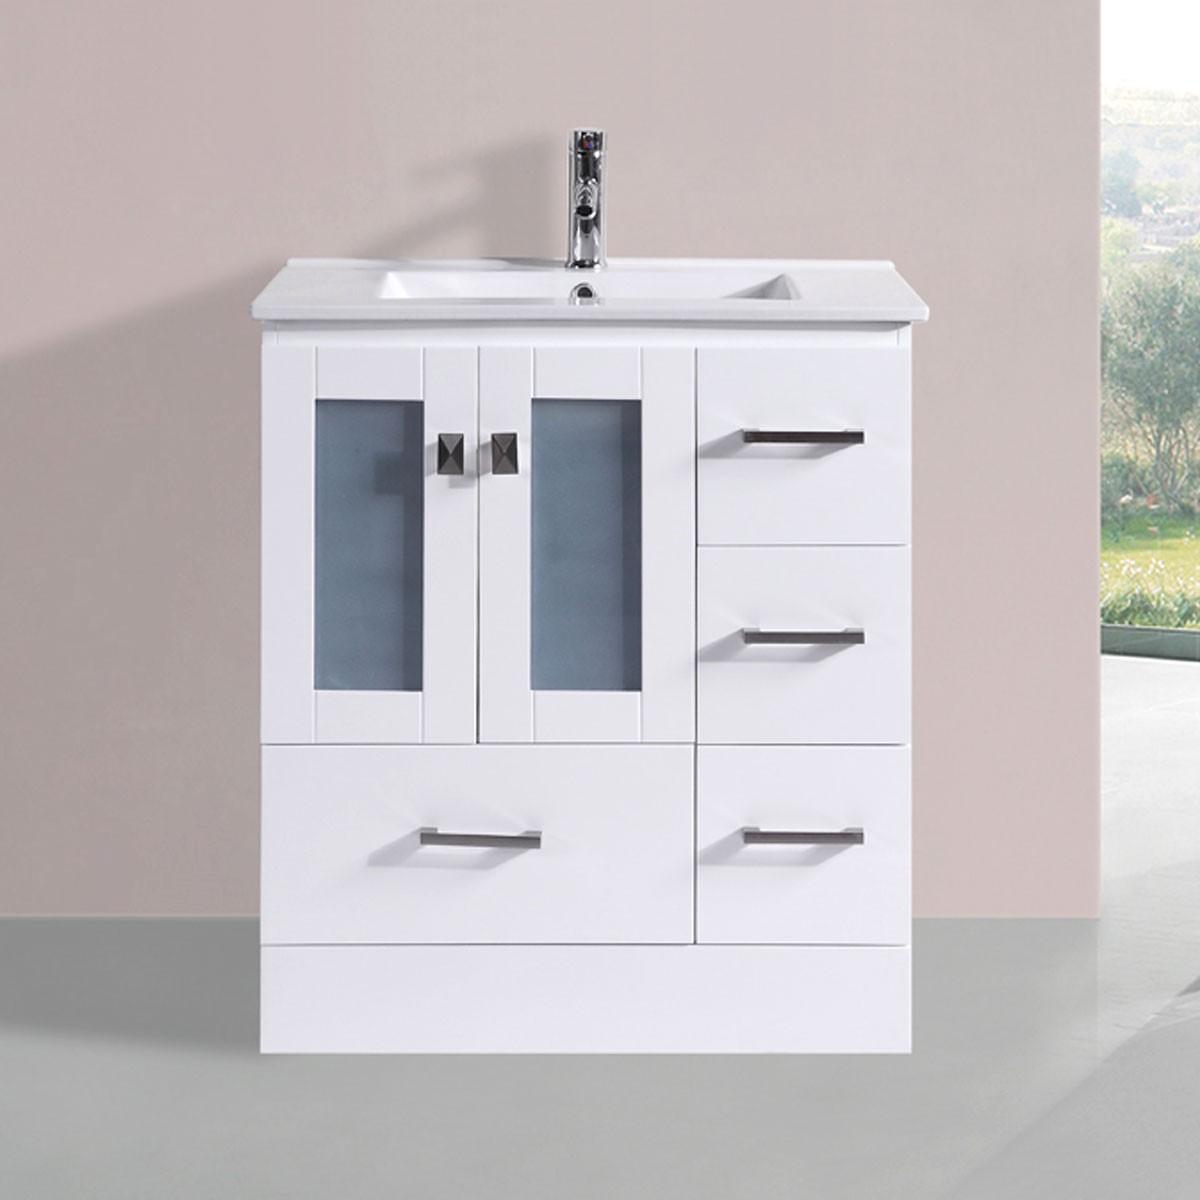 30 In. Plywood Vanity with Basin (DK-T9312-30WV)